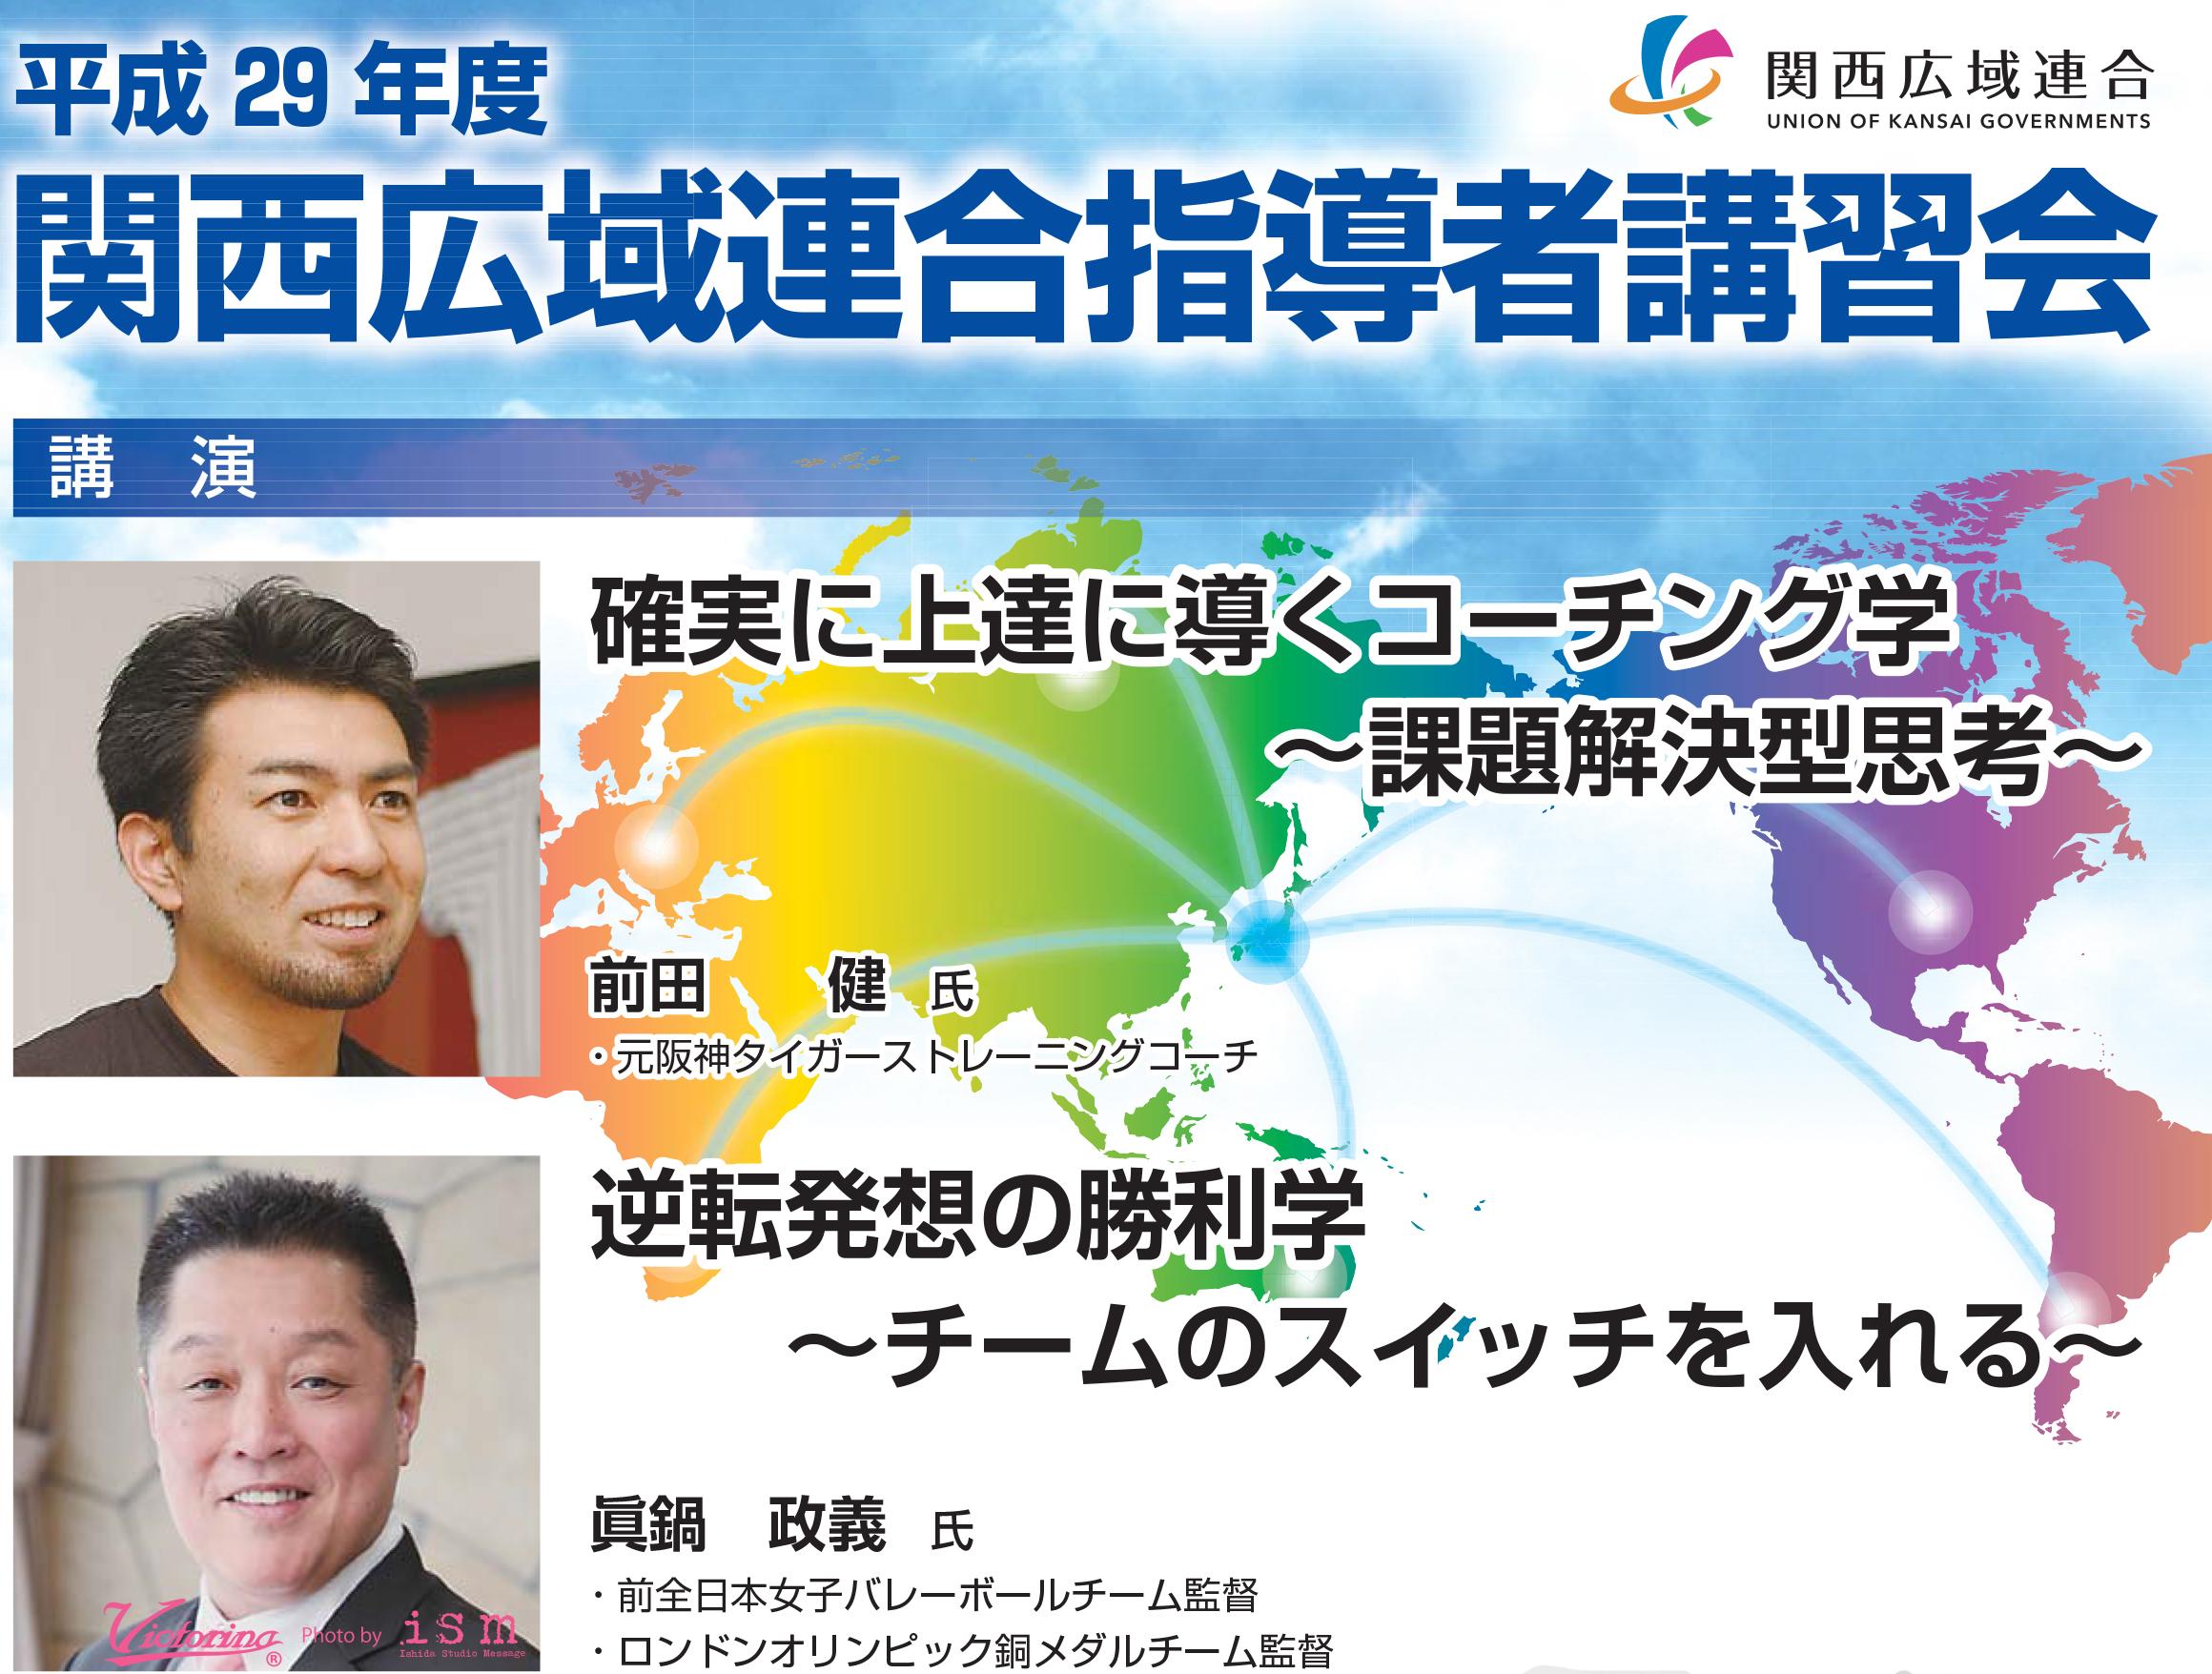 世界で戦う選手を育てる! 関西広域連合指導者講習会 参加者募集中